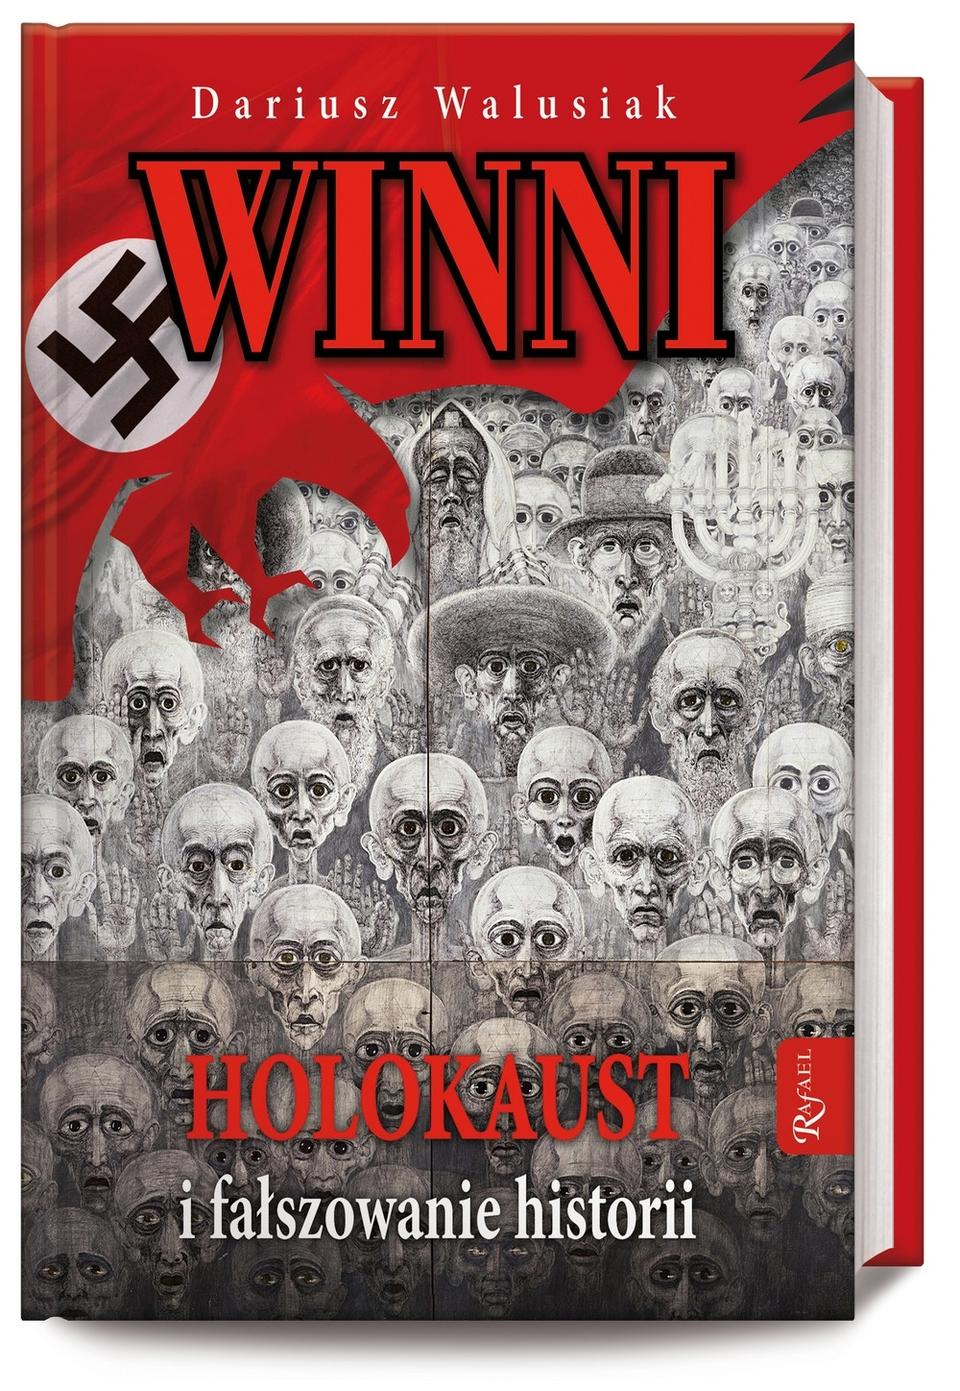 https://krzysztofkopec.pl/cms1/wp-content/uploads/winni_holokaust.jpg